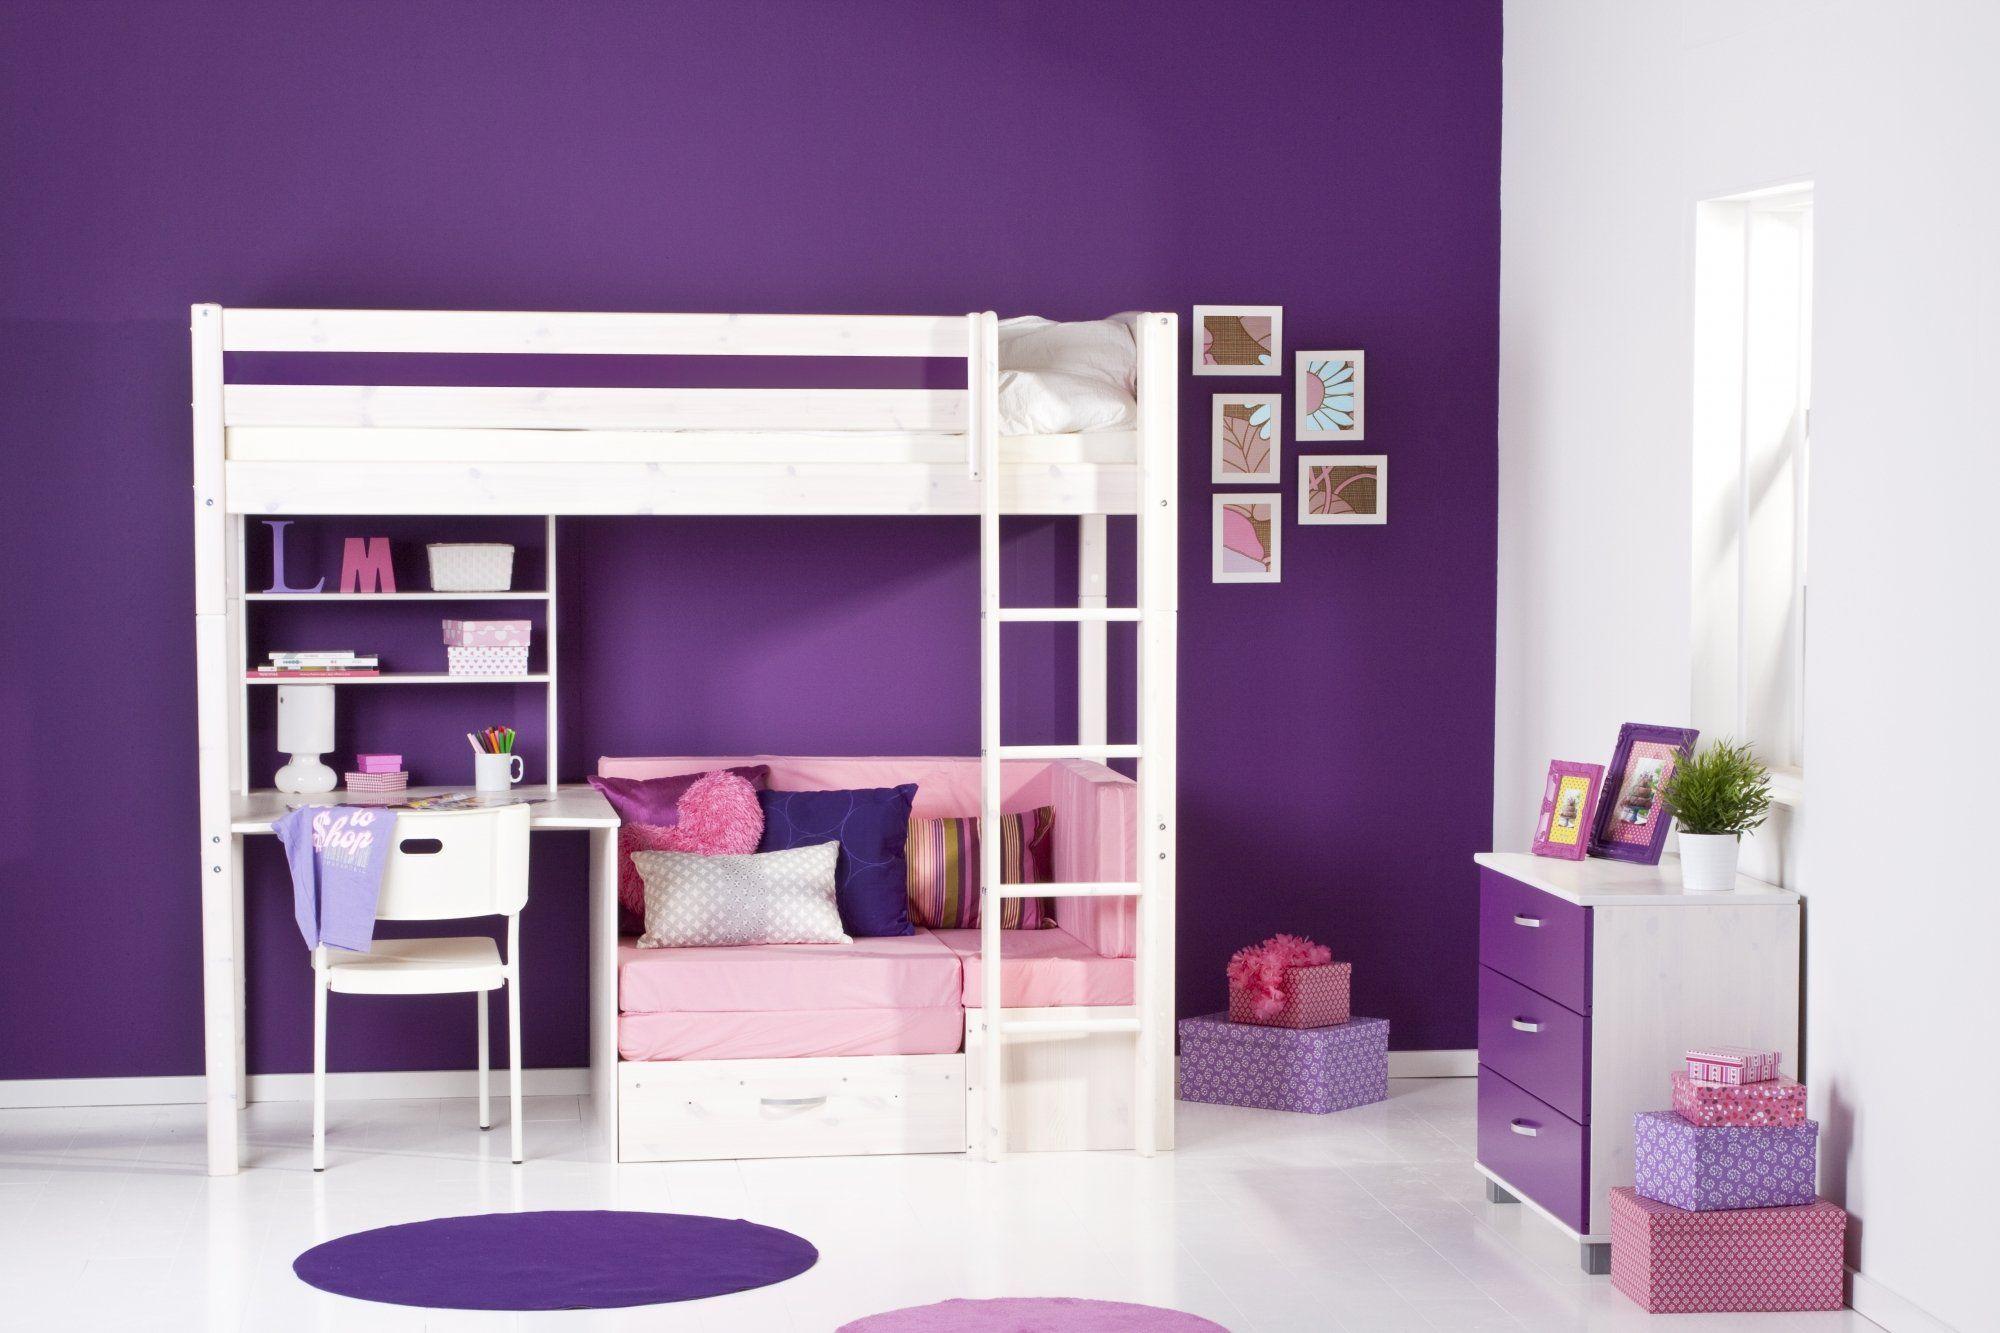 hoogslaper met bank van thuka trendy hoogslapers by. Black Bedroom Furniture Sets. Home Design Ideas